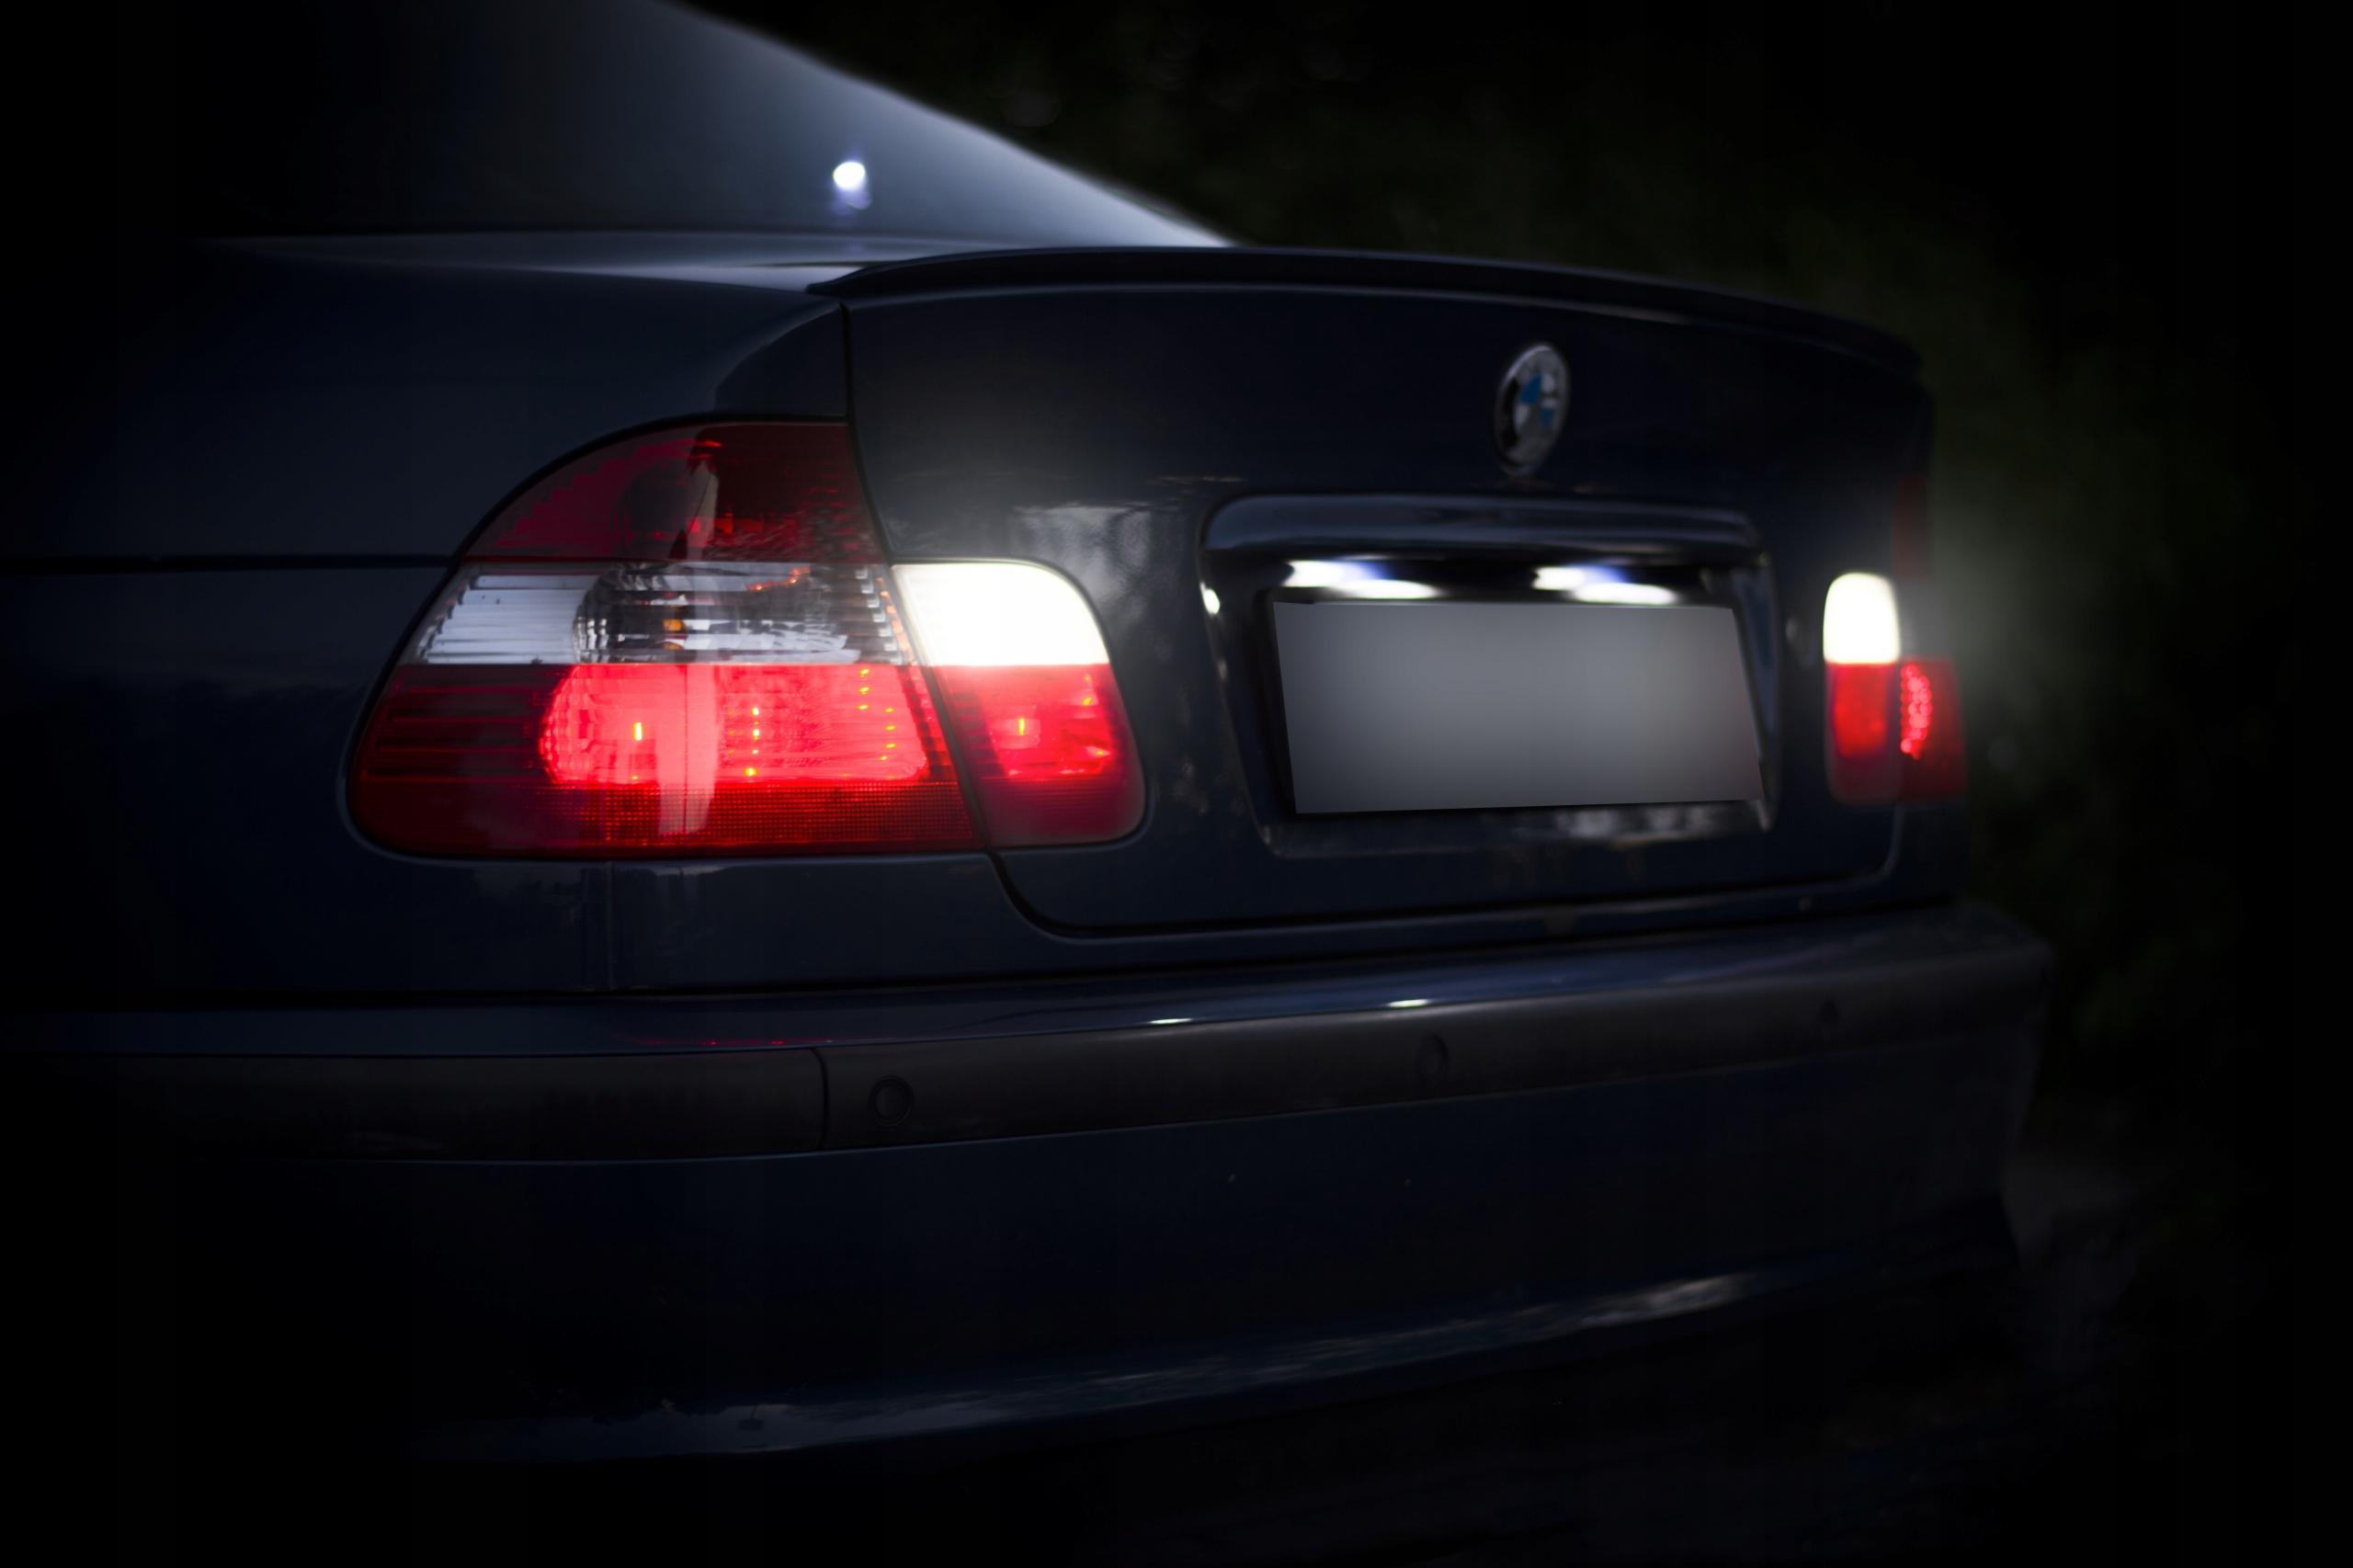 P21W 1156 LED - 6 SMD 3030 - BA15S - WSTECZNE LEDY Typ żarówki P21W